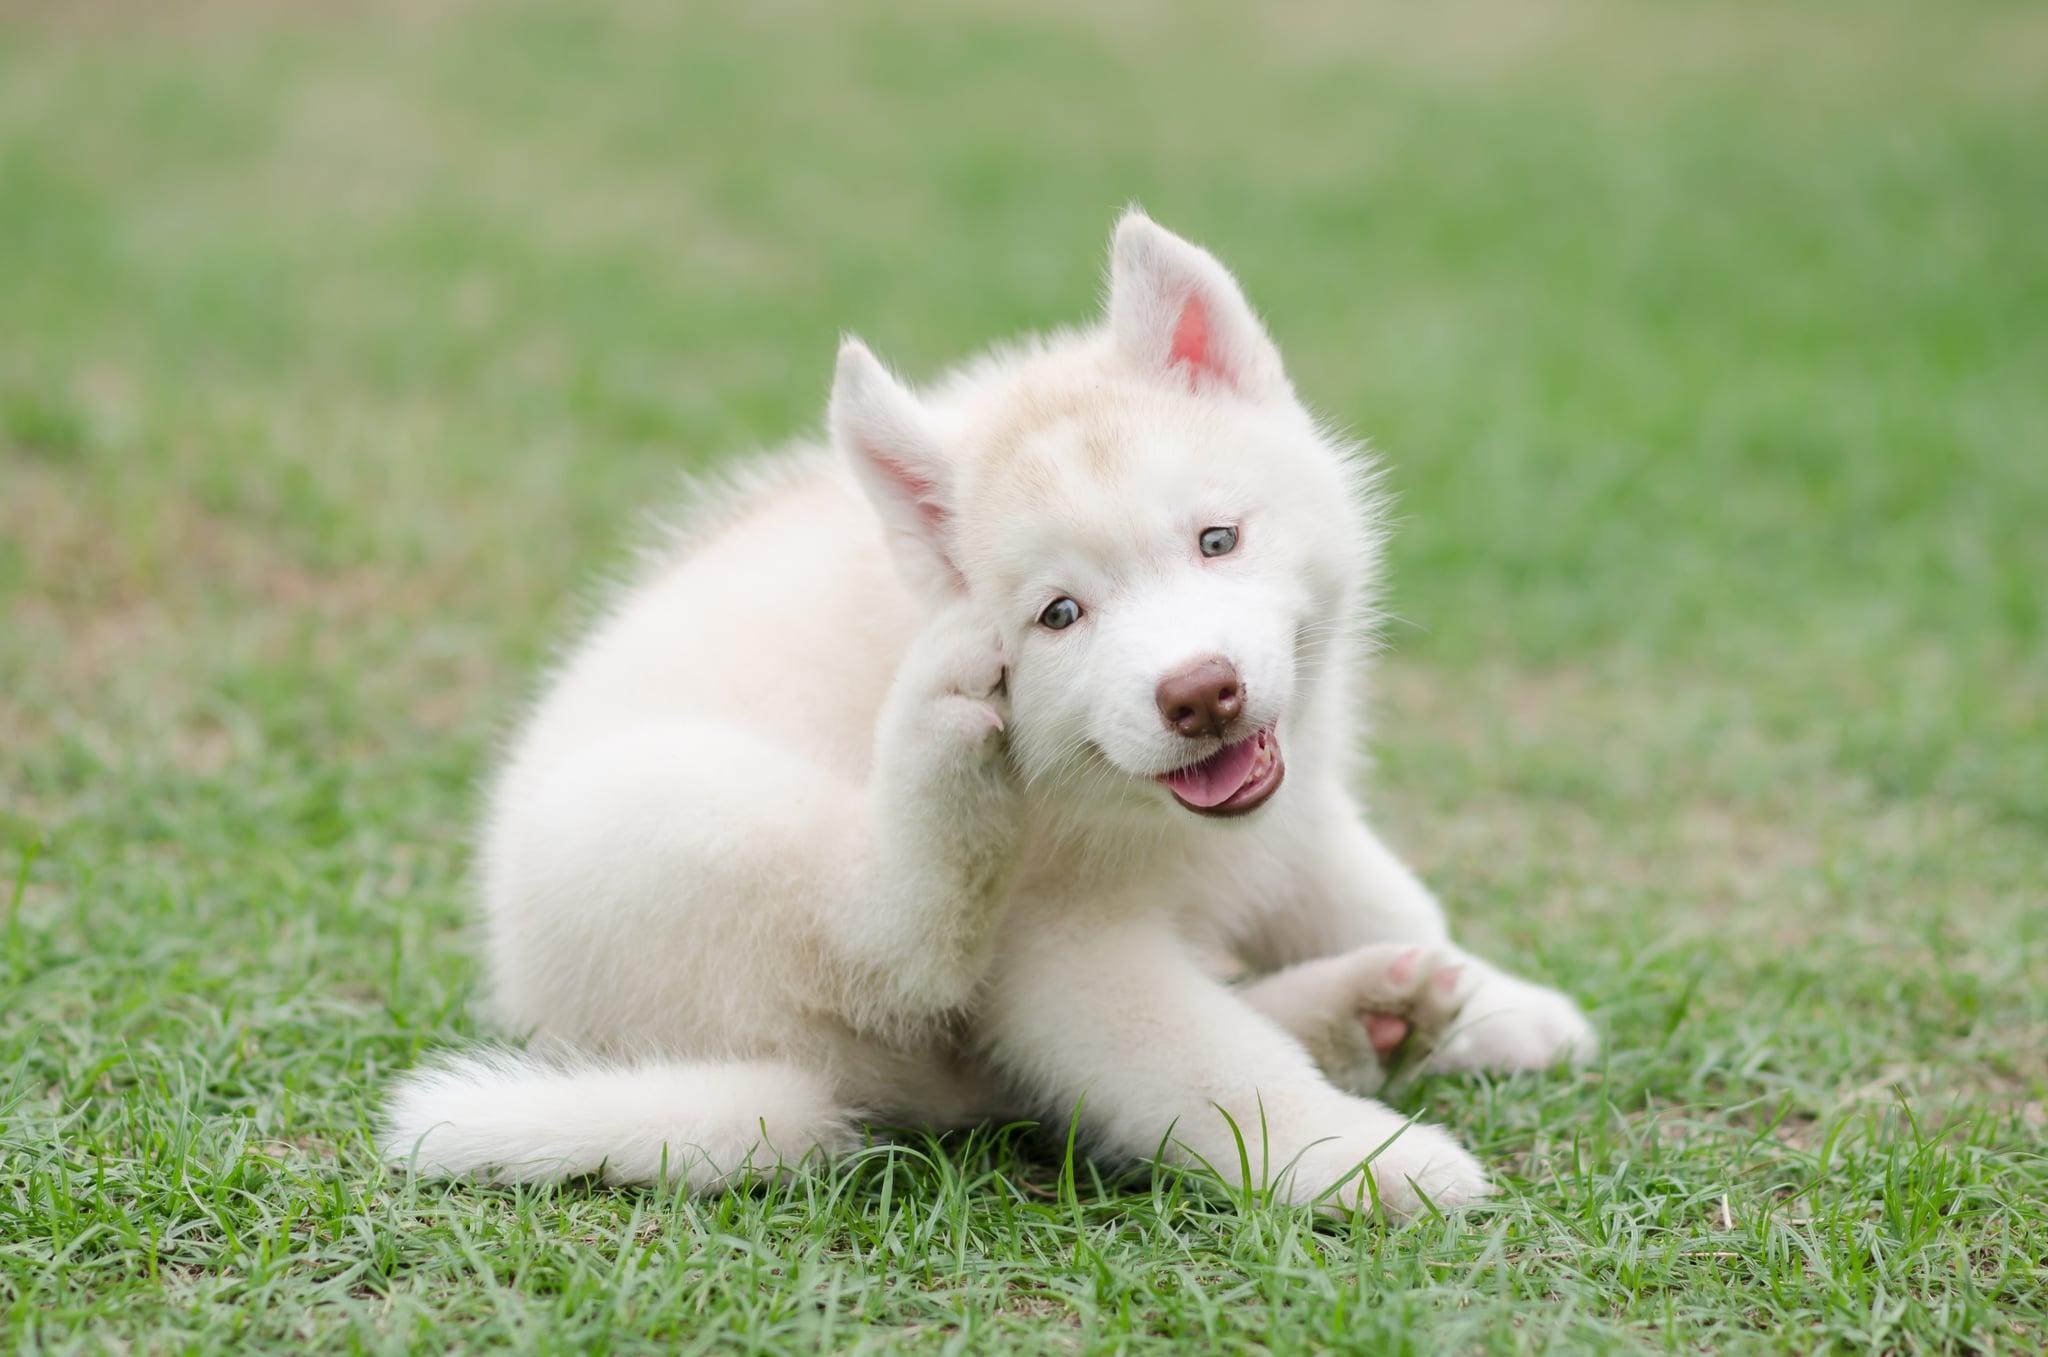 Cute siberian husky puppy scratching on green grass